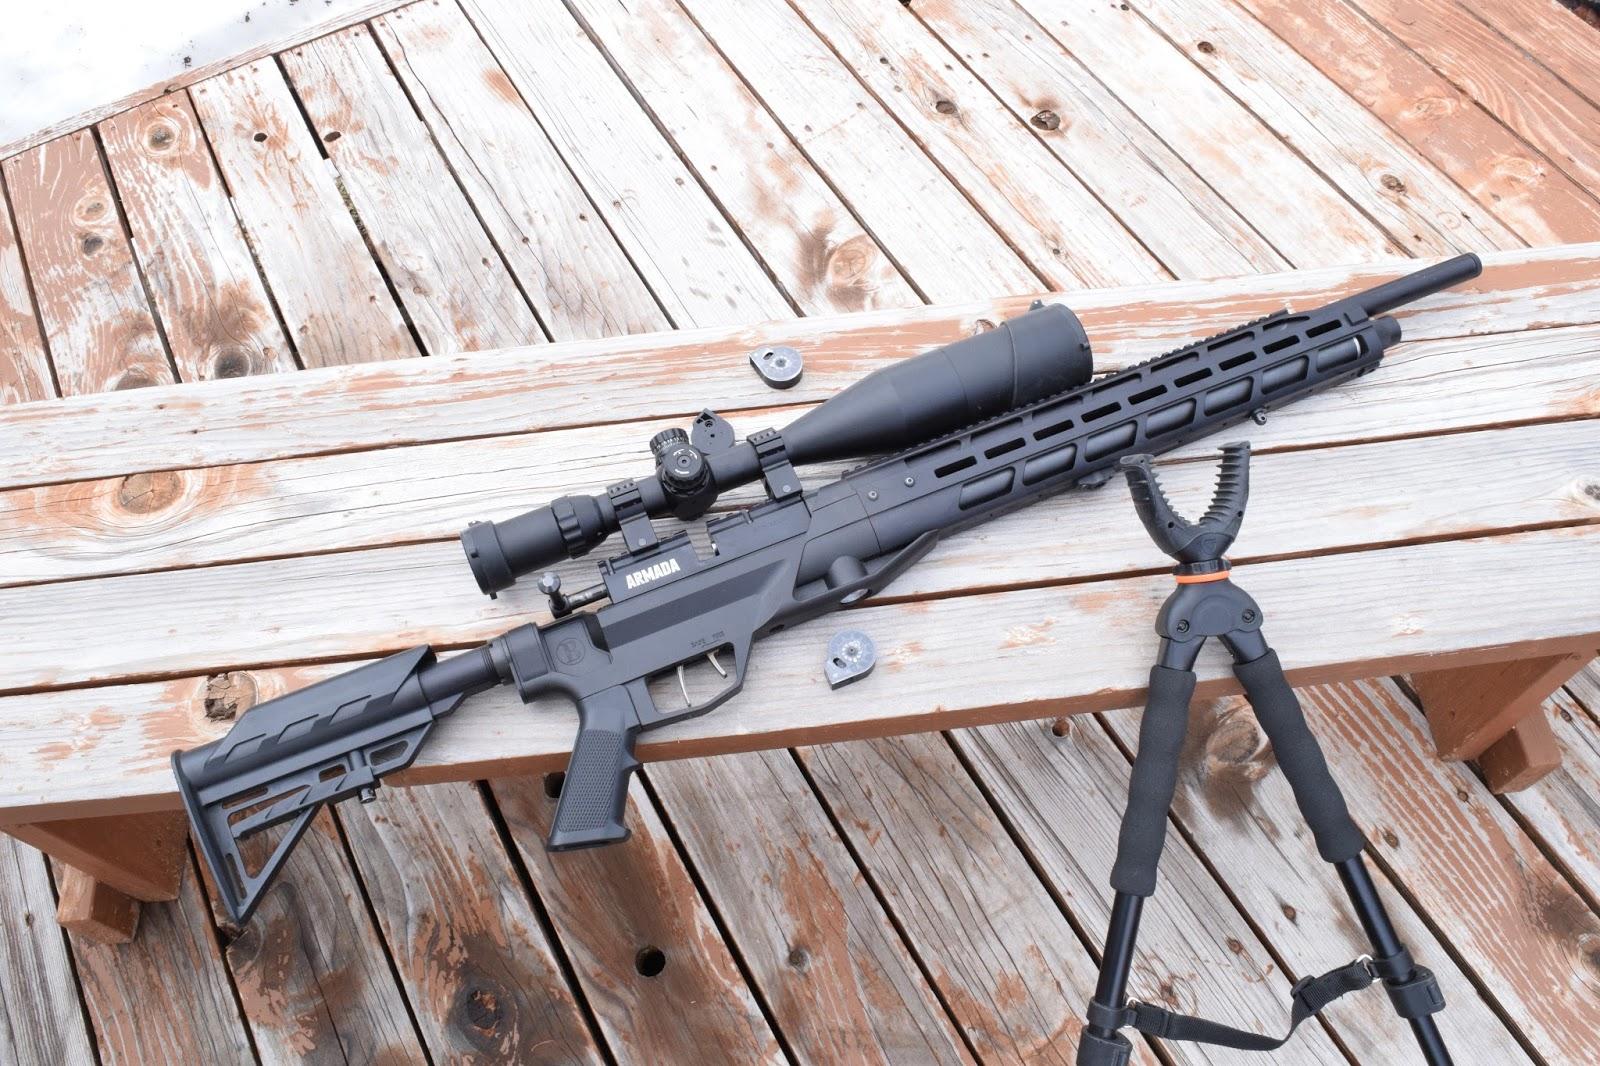 Blueflax Airguns: Why mod a marauder?